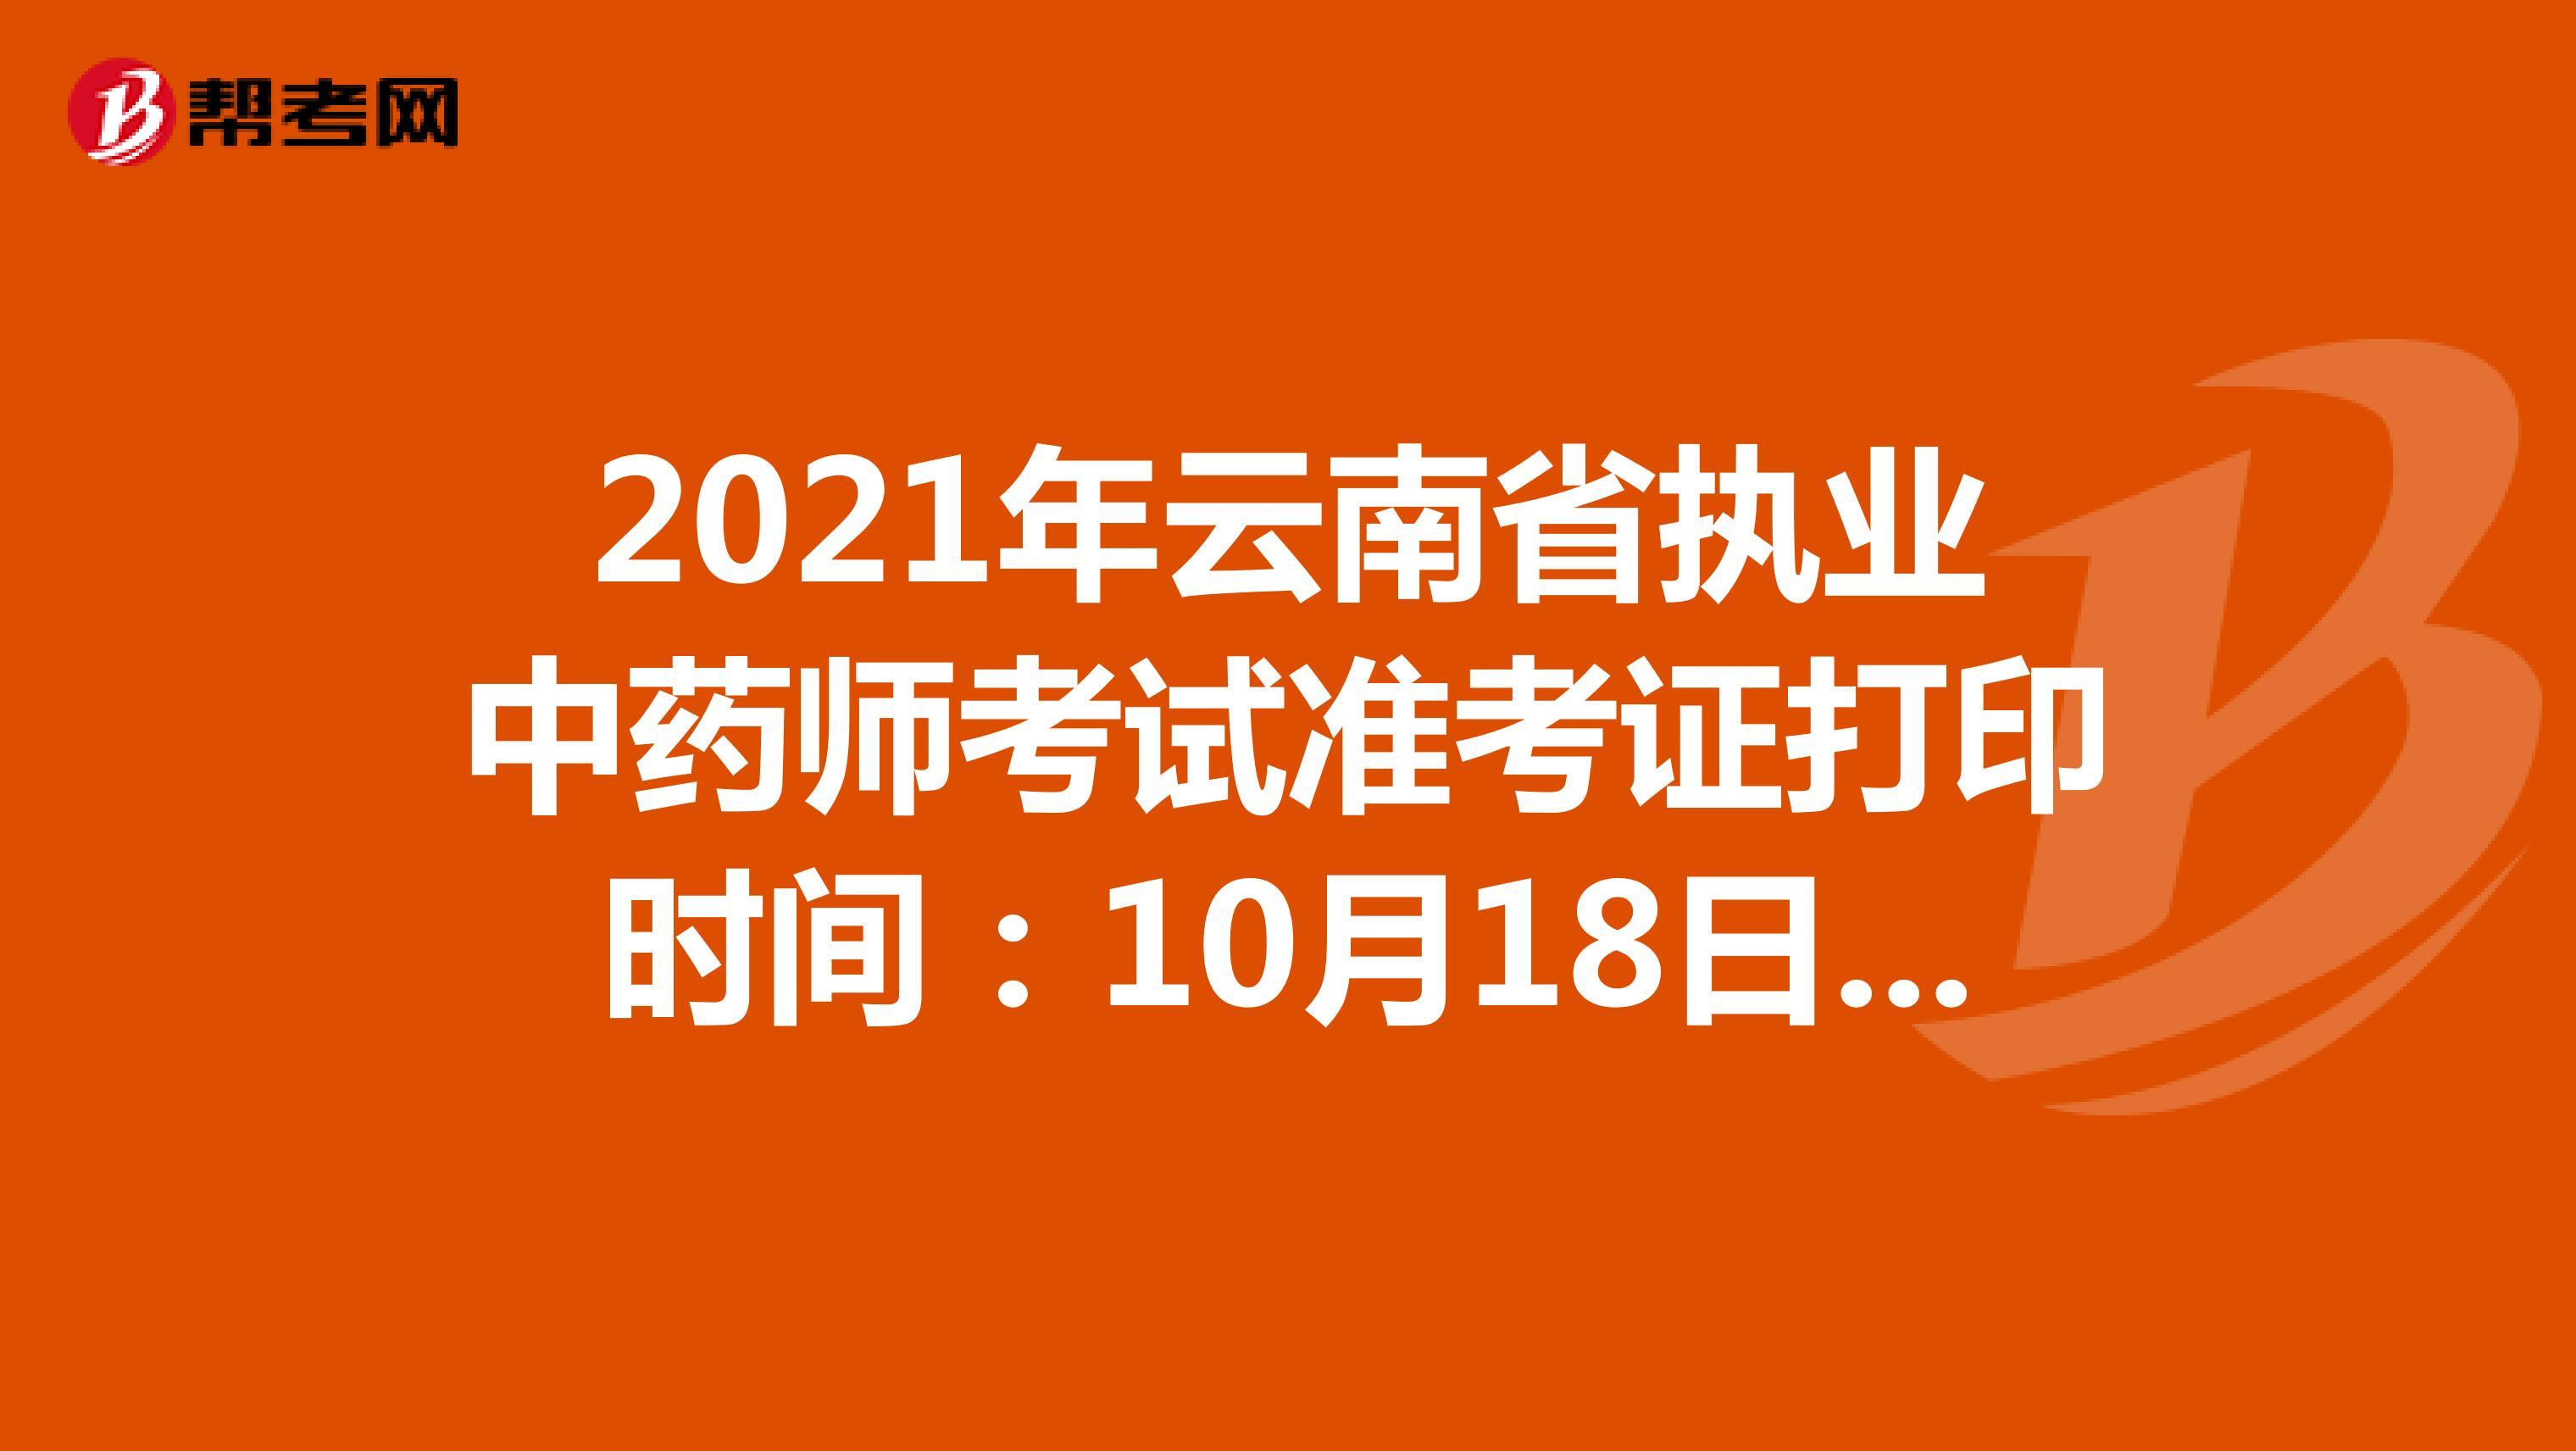 2021年云南省执业中药师考试准考证打印时间:10月18日开始